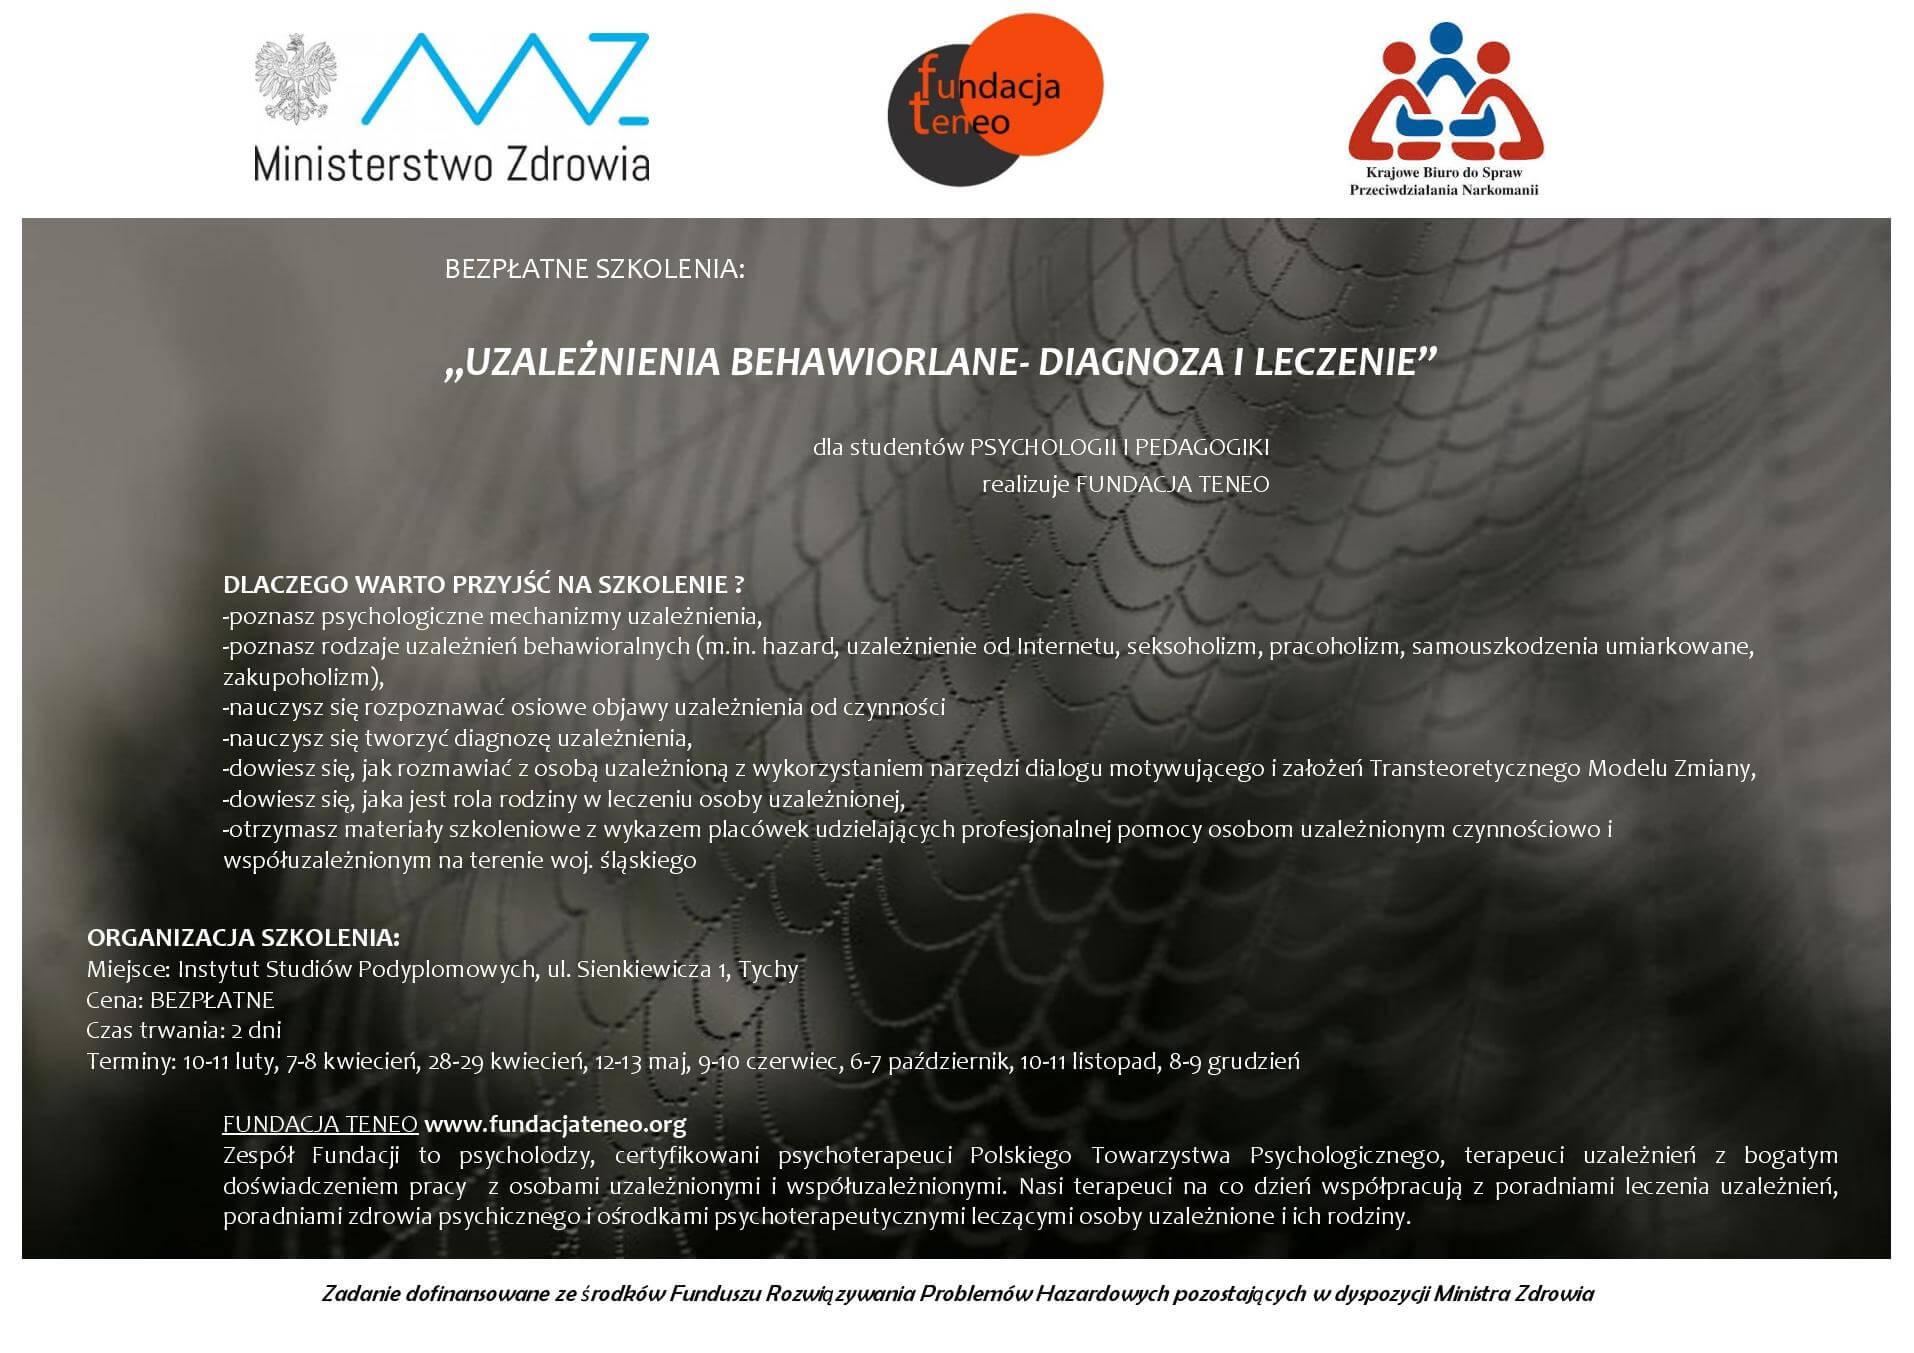 Plakat szkolenie Uzależnienia behawioralne - diagnoza i leczenie